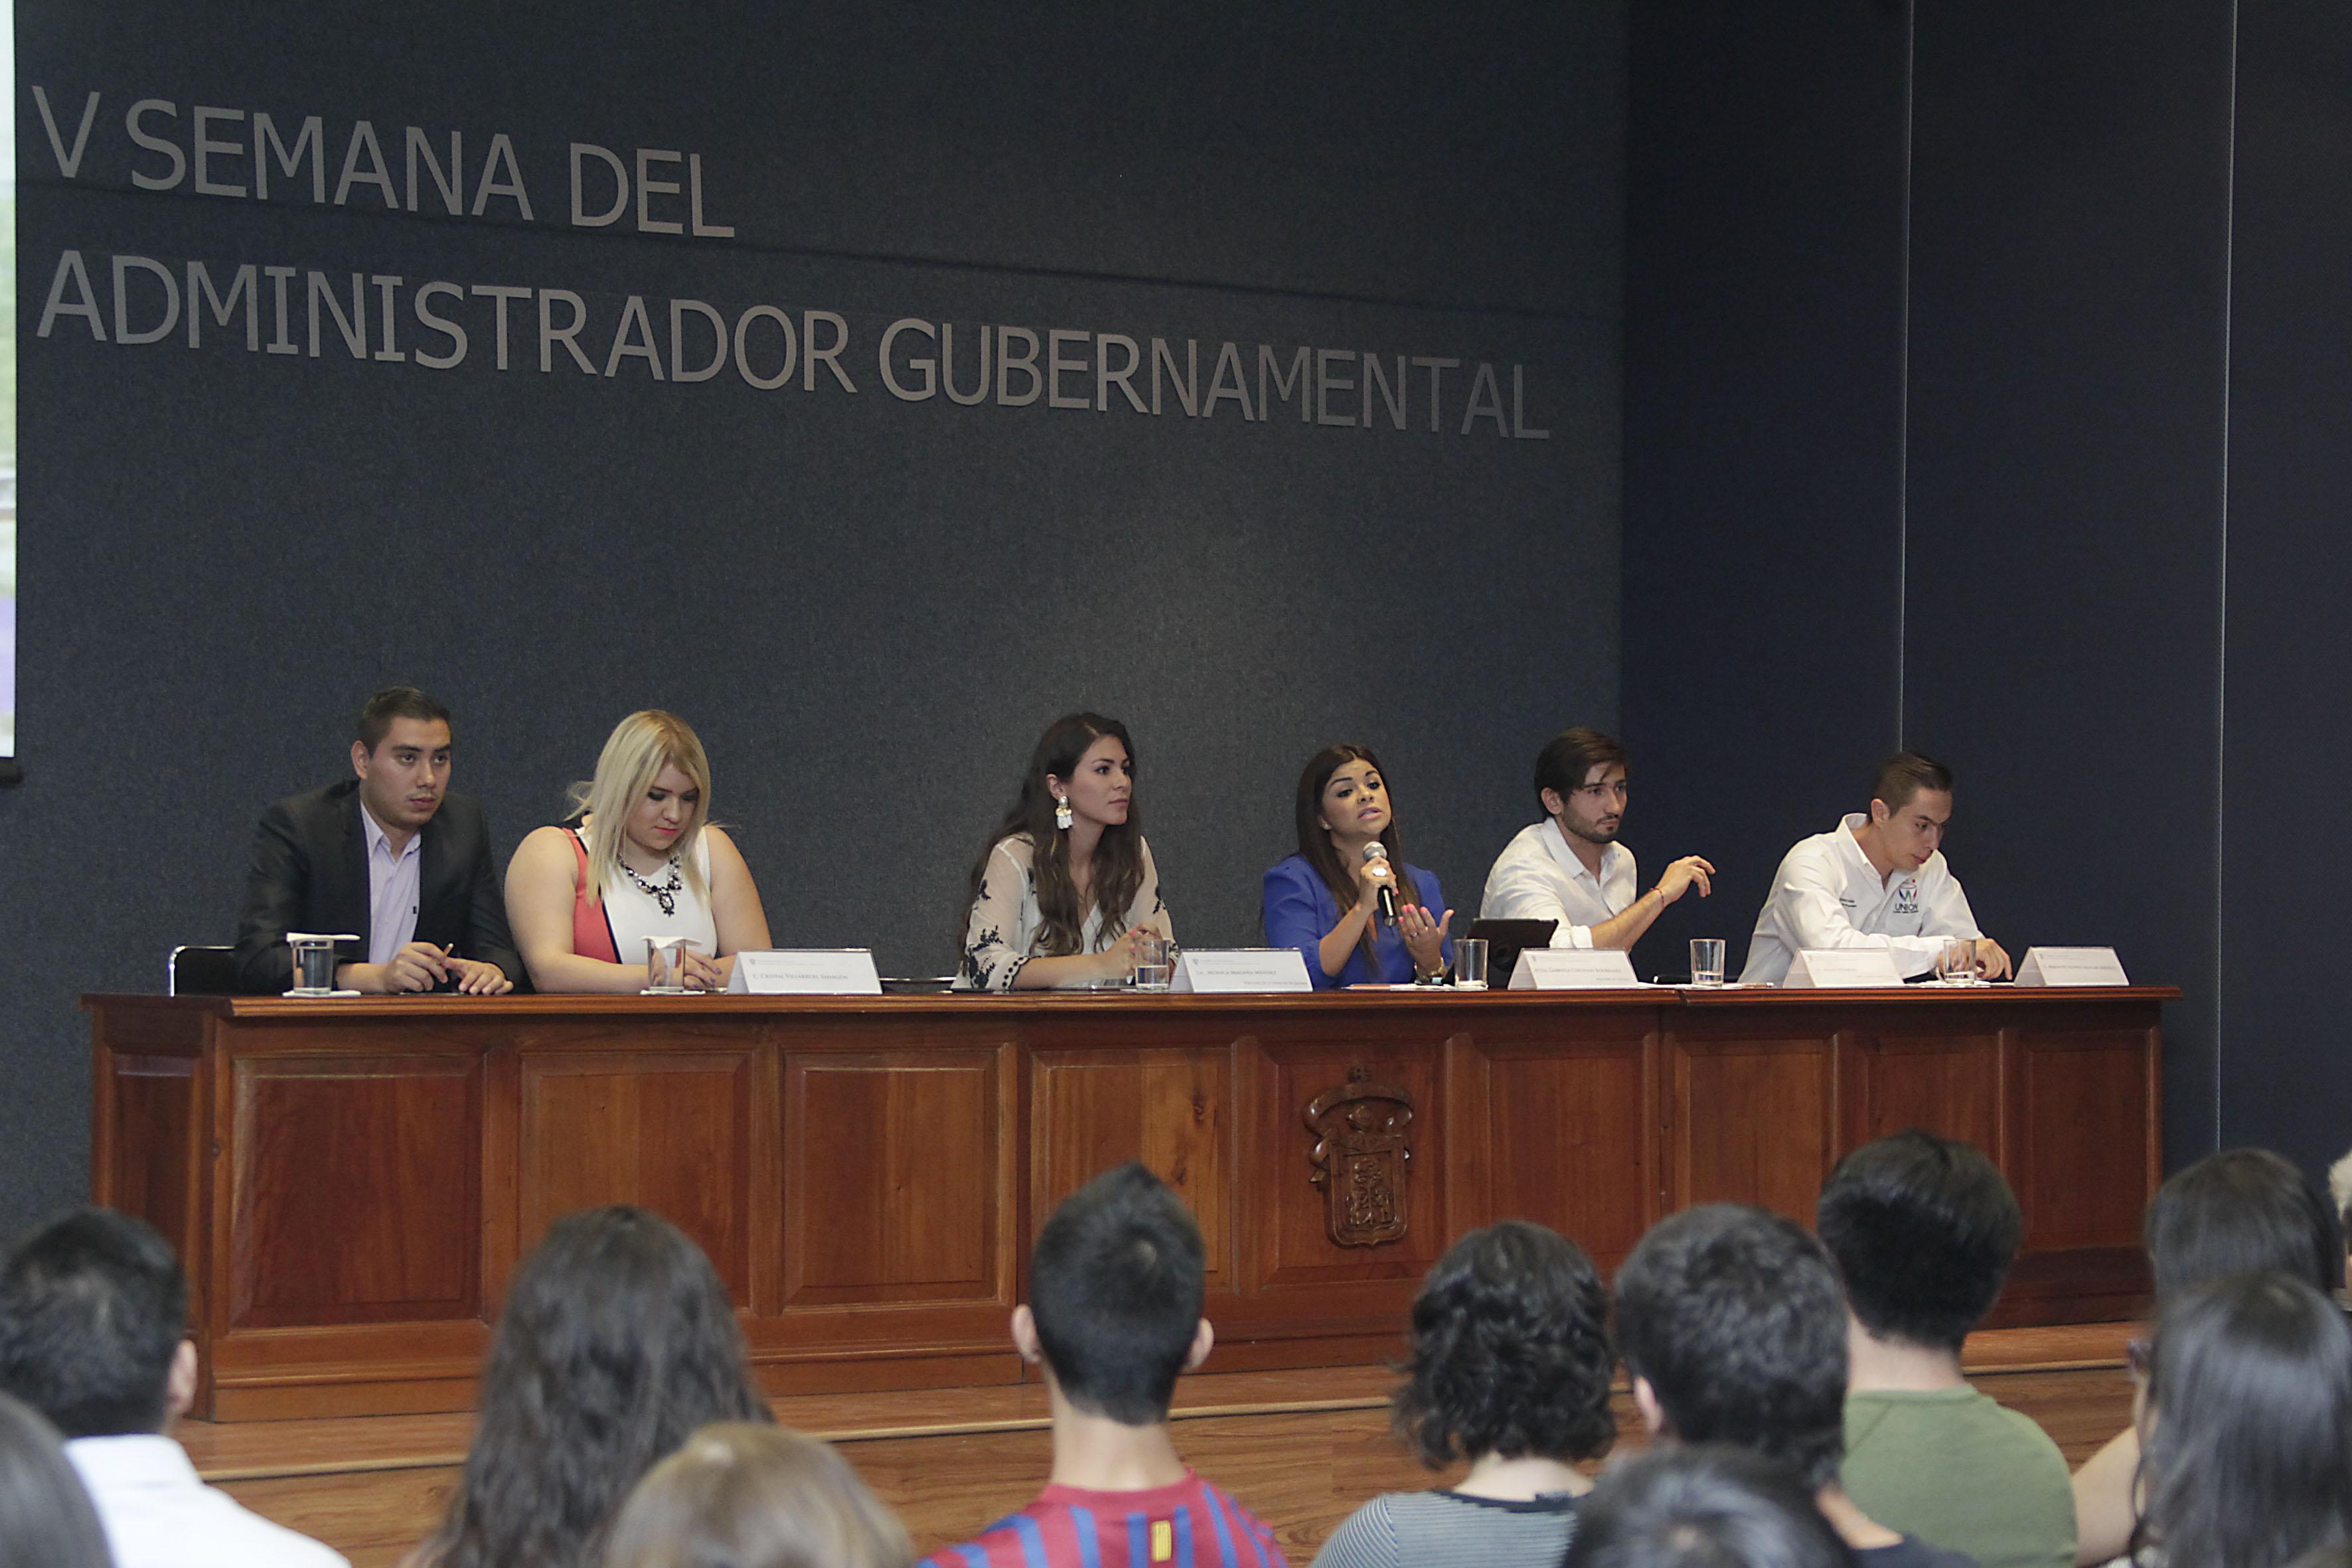 """Conferencia """"Retos de la administración gubernamental en Zapopan"""" en la V  Semana del Administrador Gubernamental que organiza el Centro Universitario de Ciencias Económico Administrativas (CUCEA), de la Universidad de Guadalajara"""